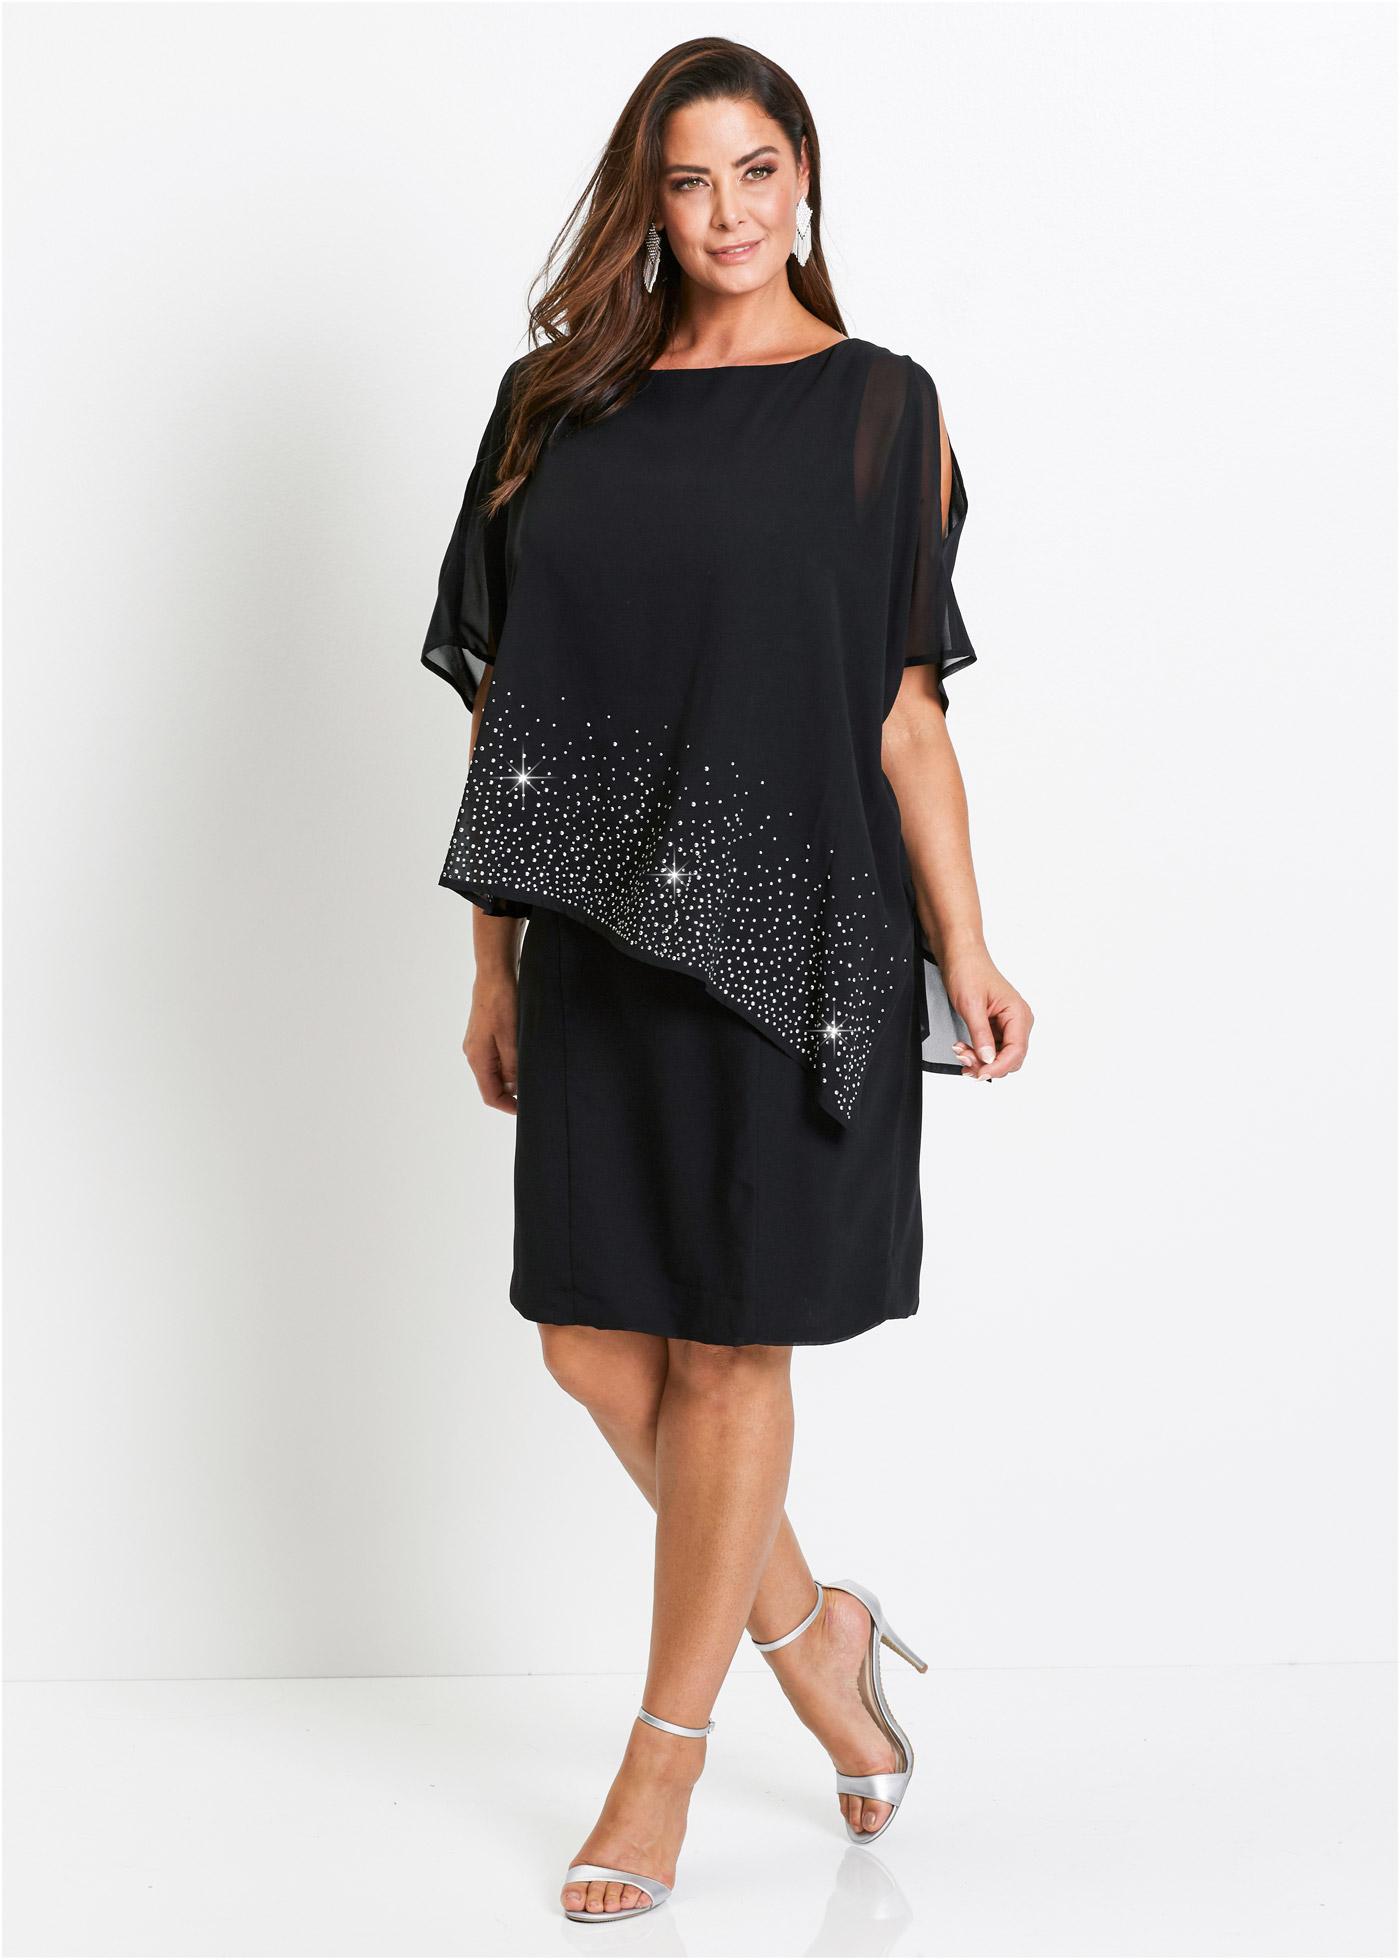 Pouzdrové šaty s lesklými kamínky - Černá